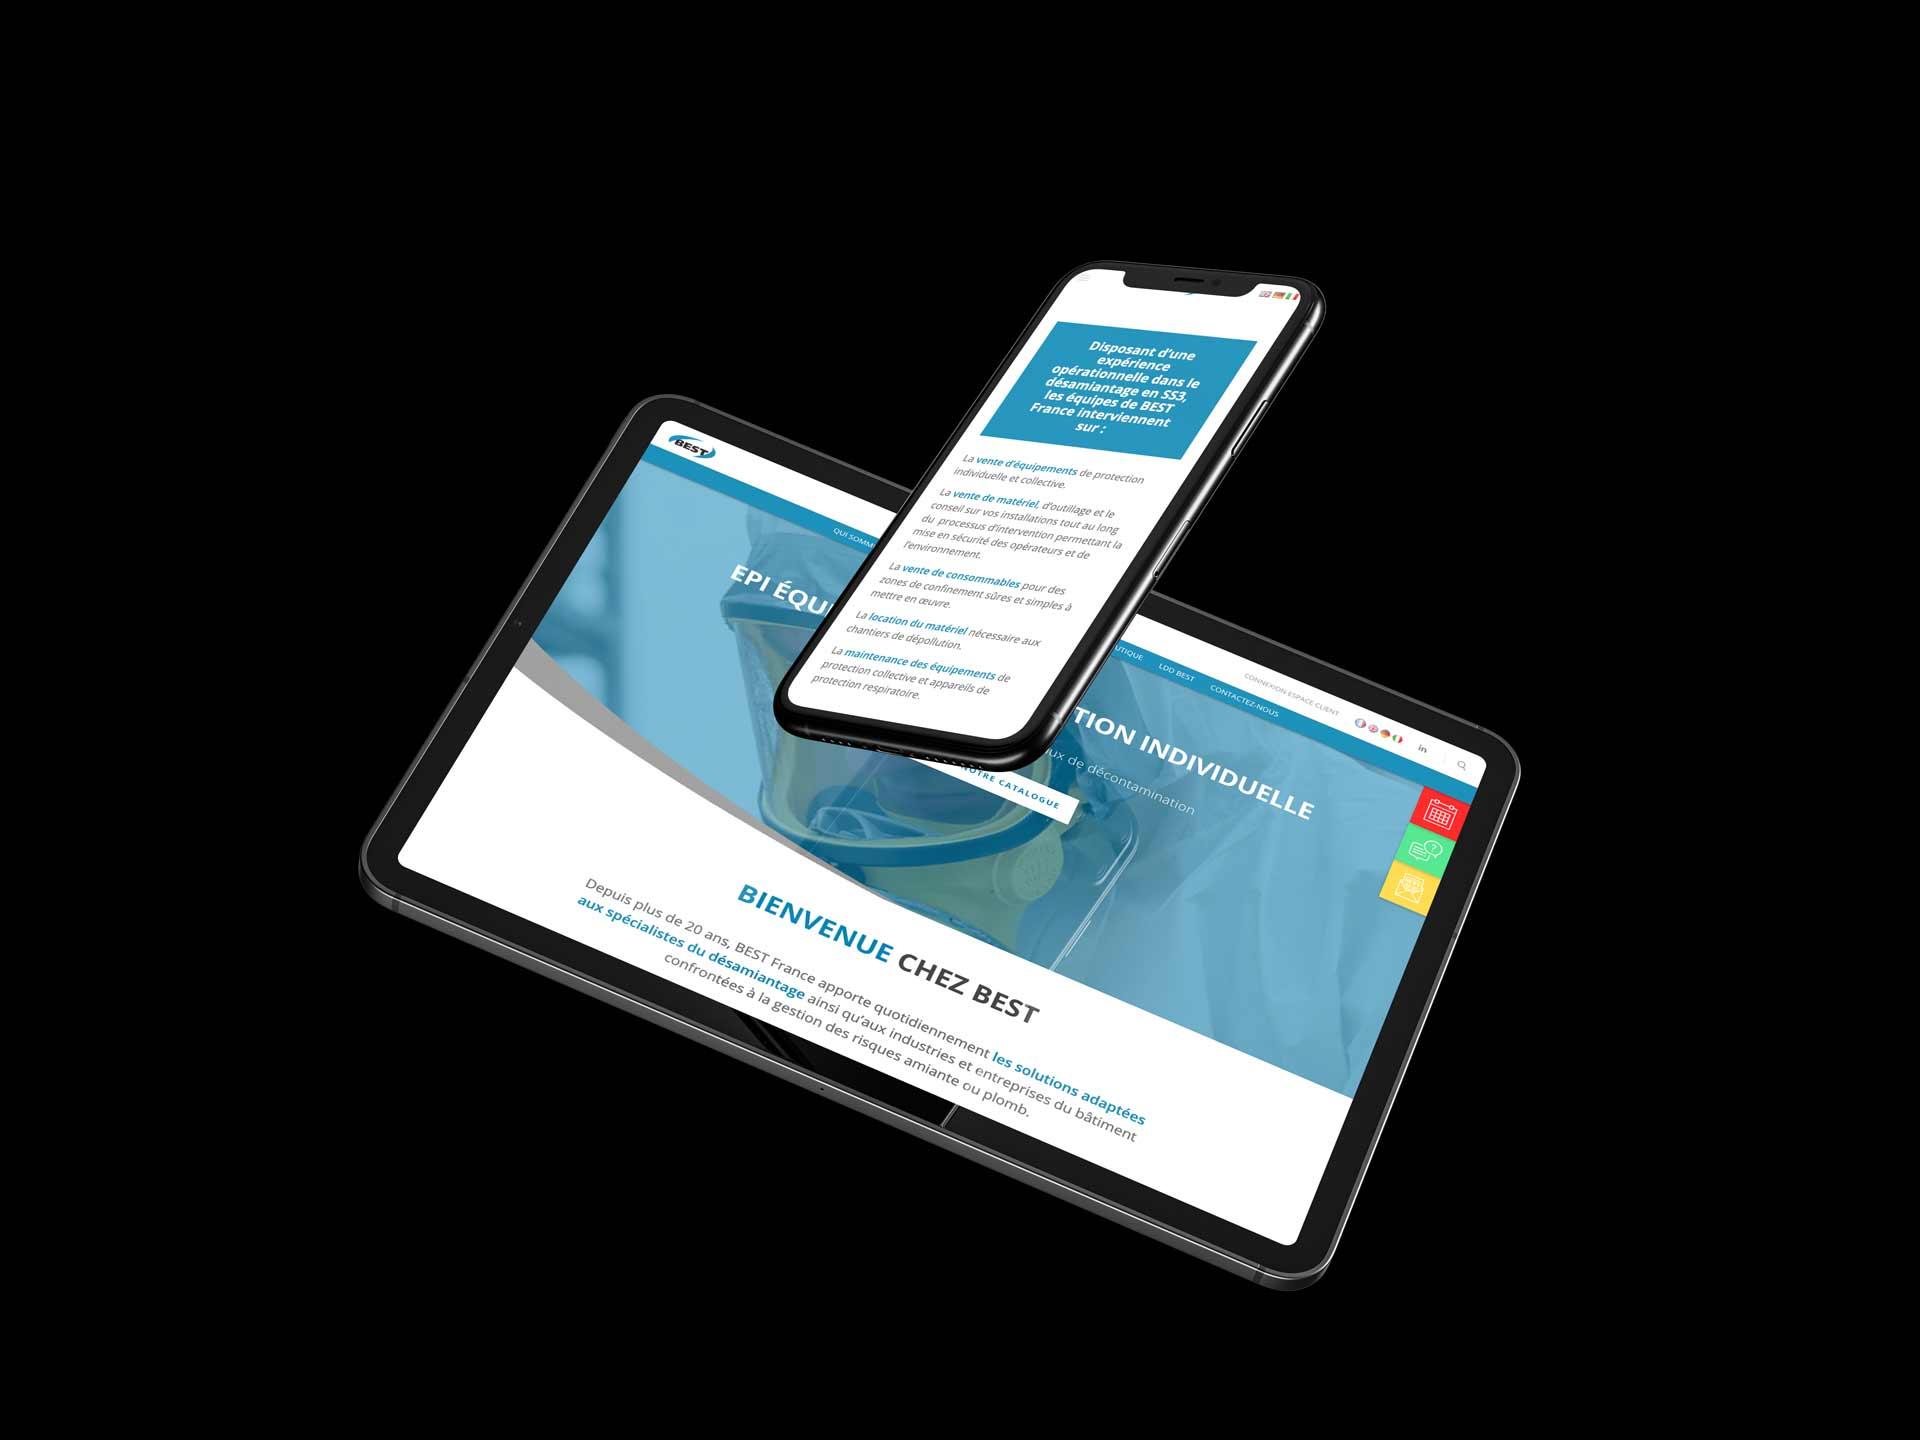 image de mise en situation du site web de BEST dans un écran de tablette et un téléphone